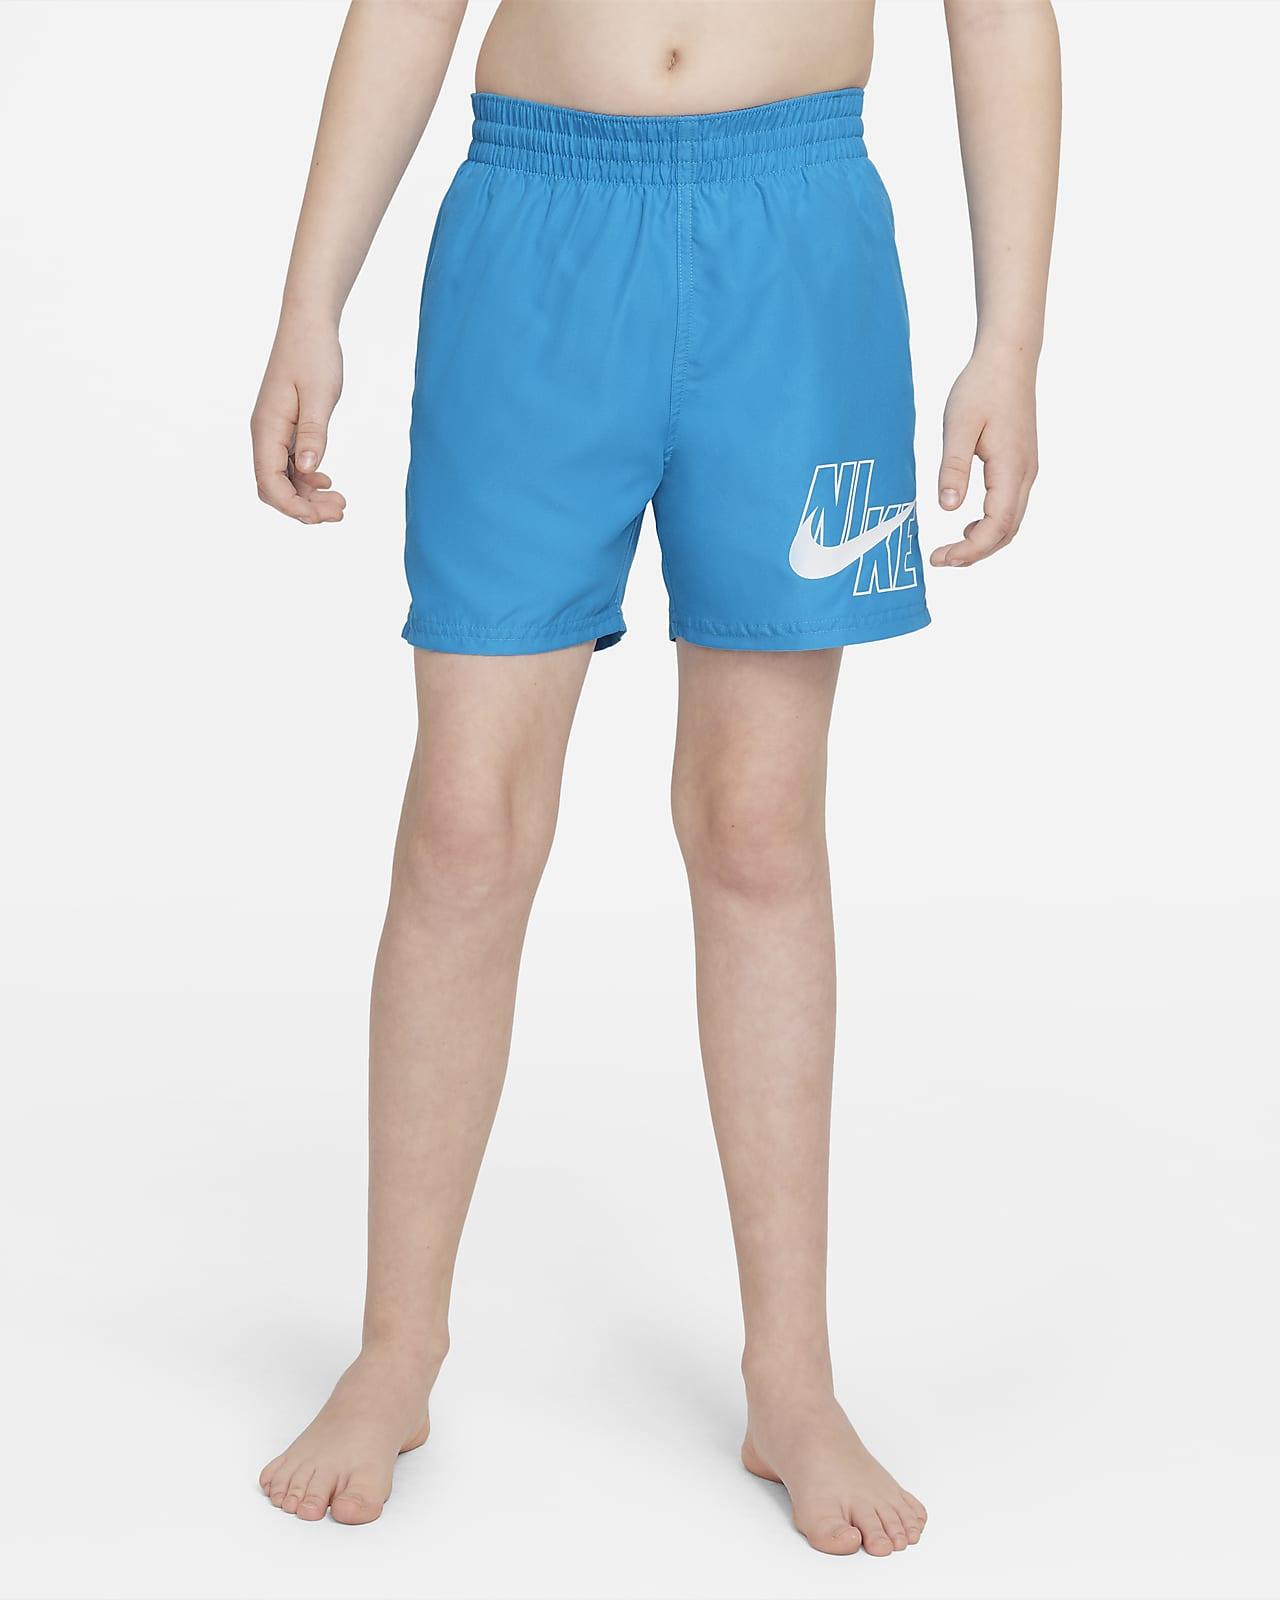 Calções de banho Nike Lap 4 Júnior (Rapaz)